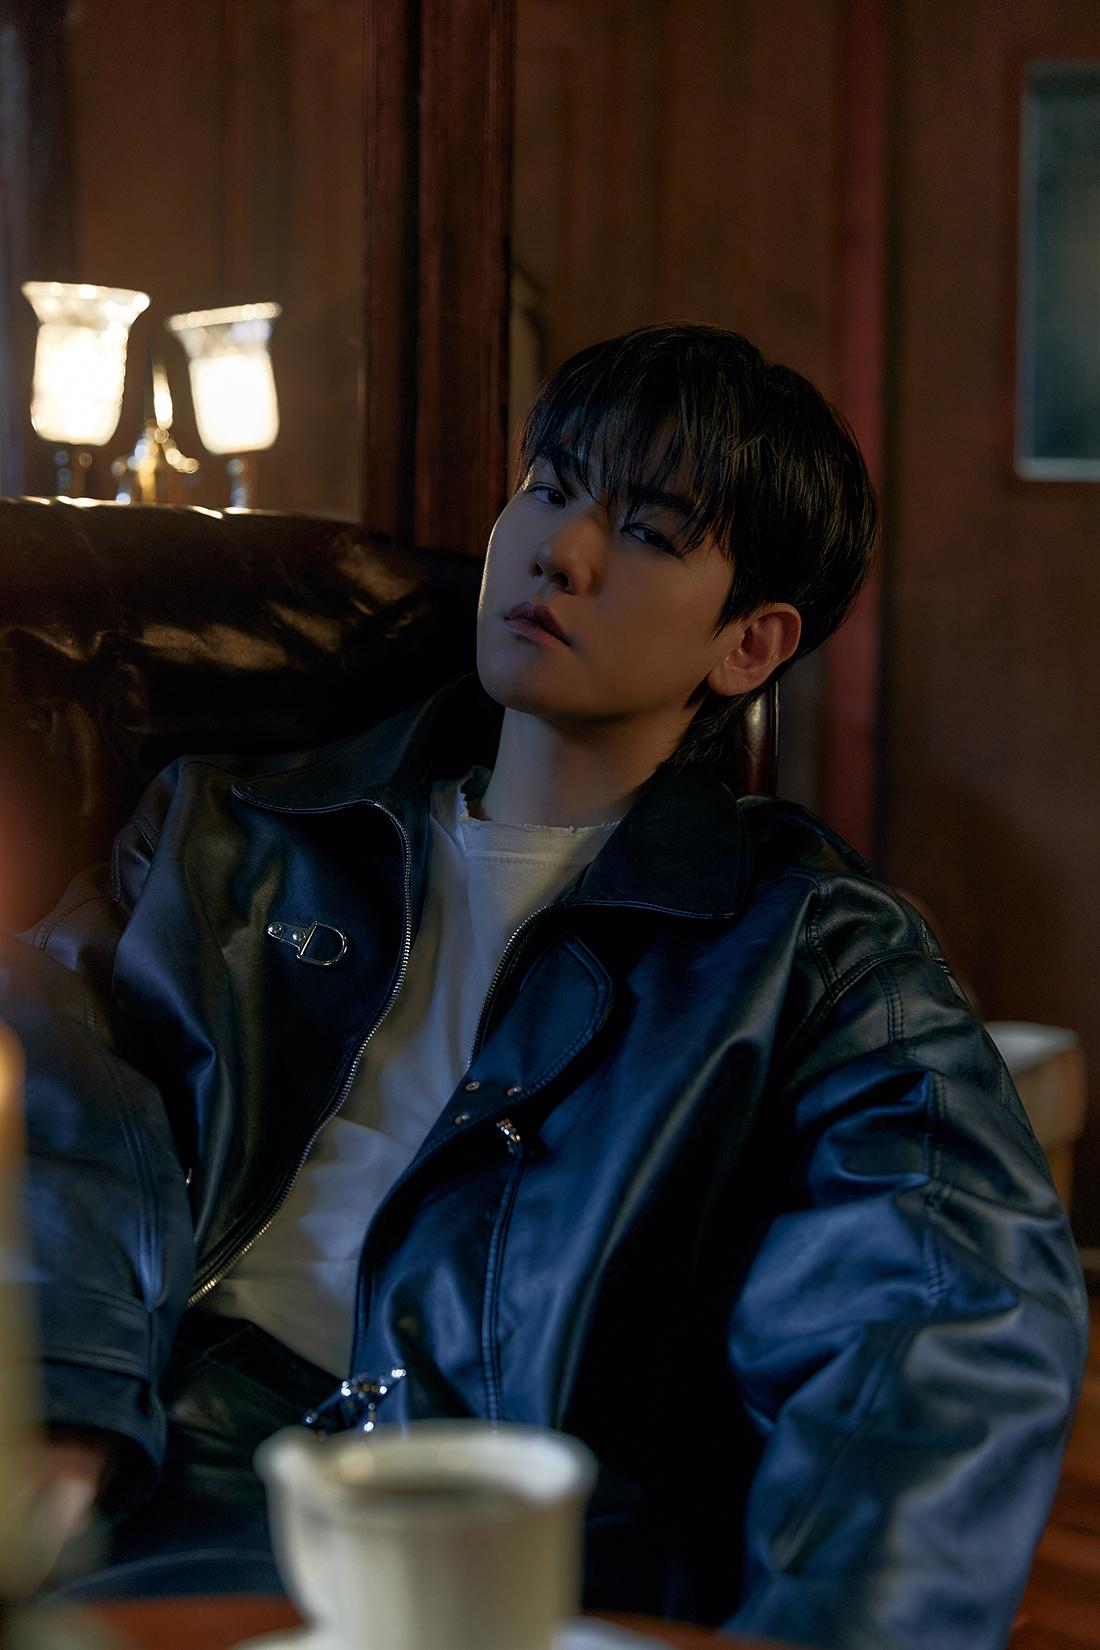 exo-baekhyun-records-833392-pre-orders-for-3rd-mini-album-bambi